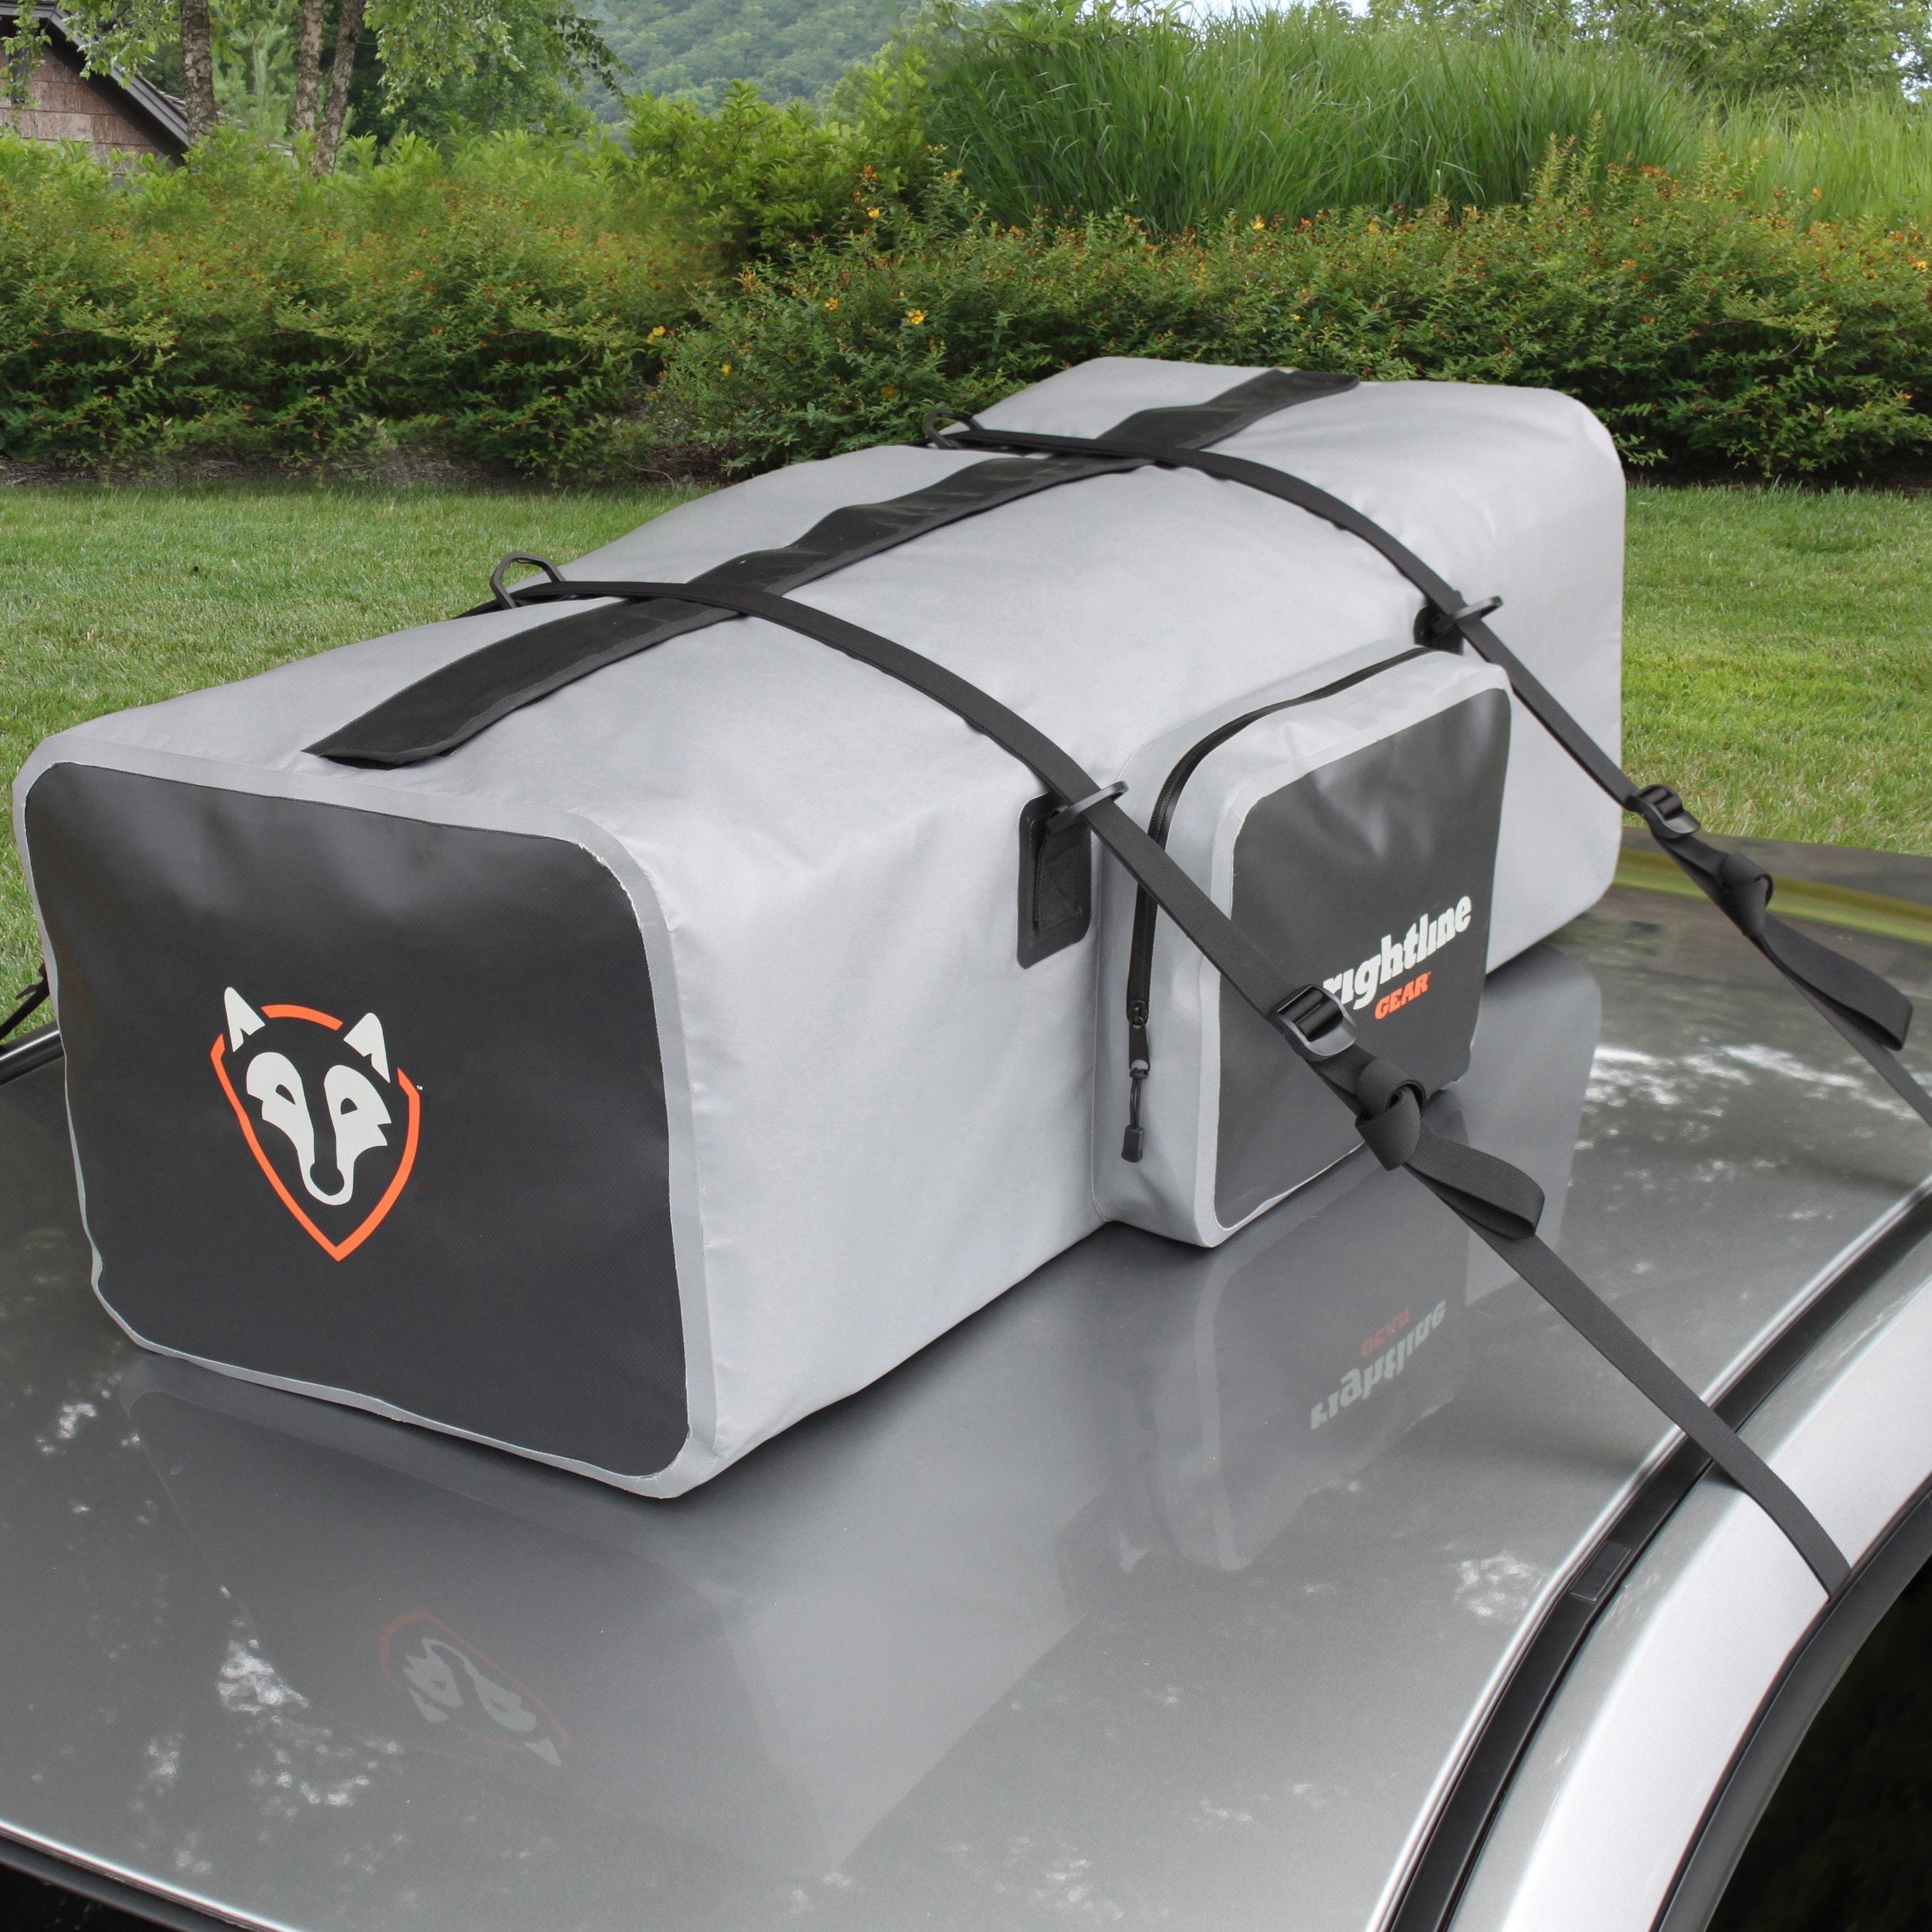 Rightline Gear Gray Black Waterproof Car Top Luggage Rack Duffel Bag